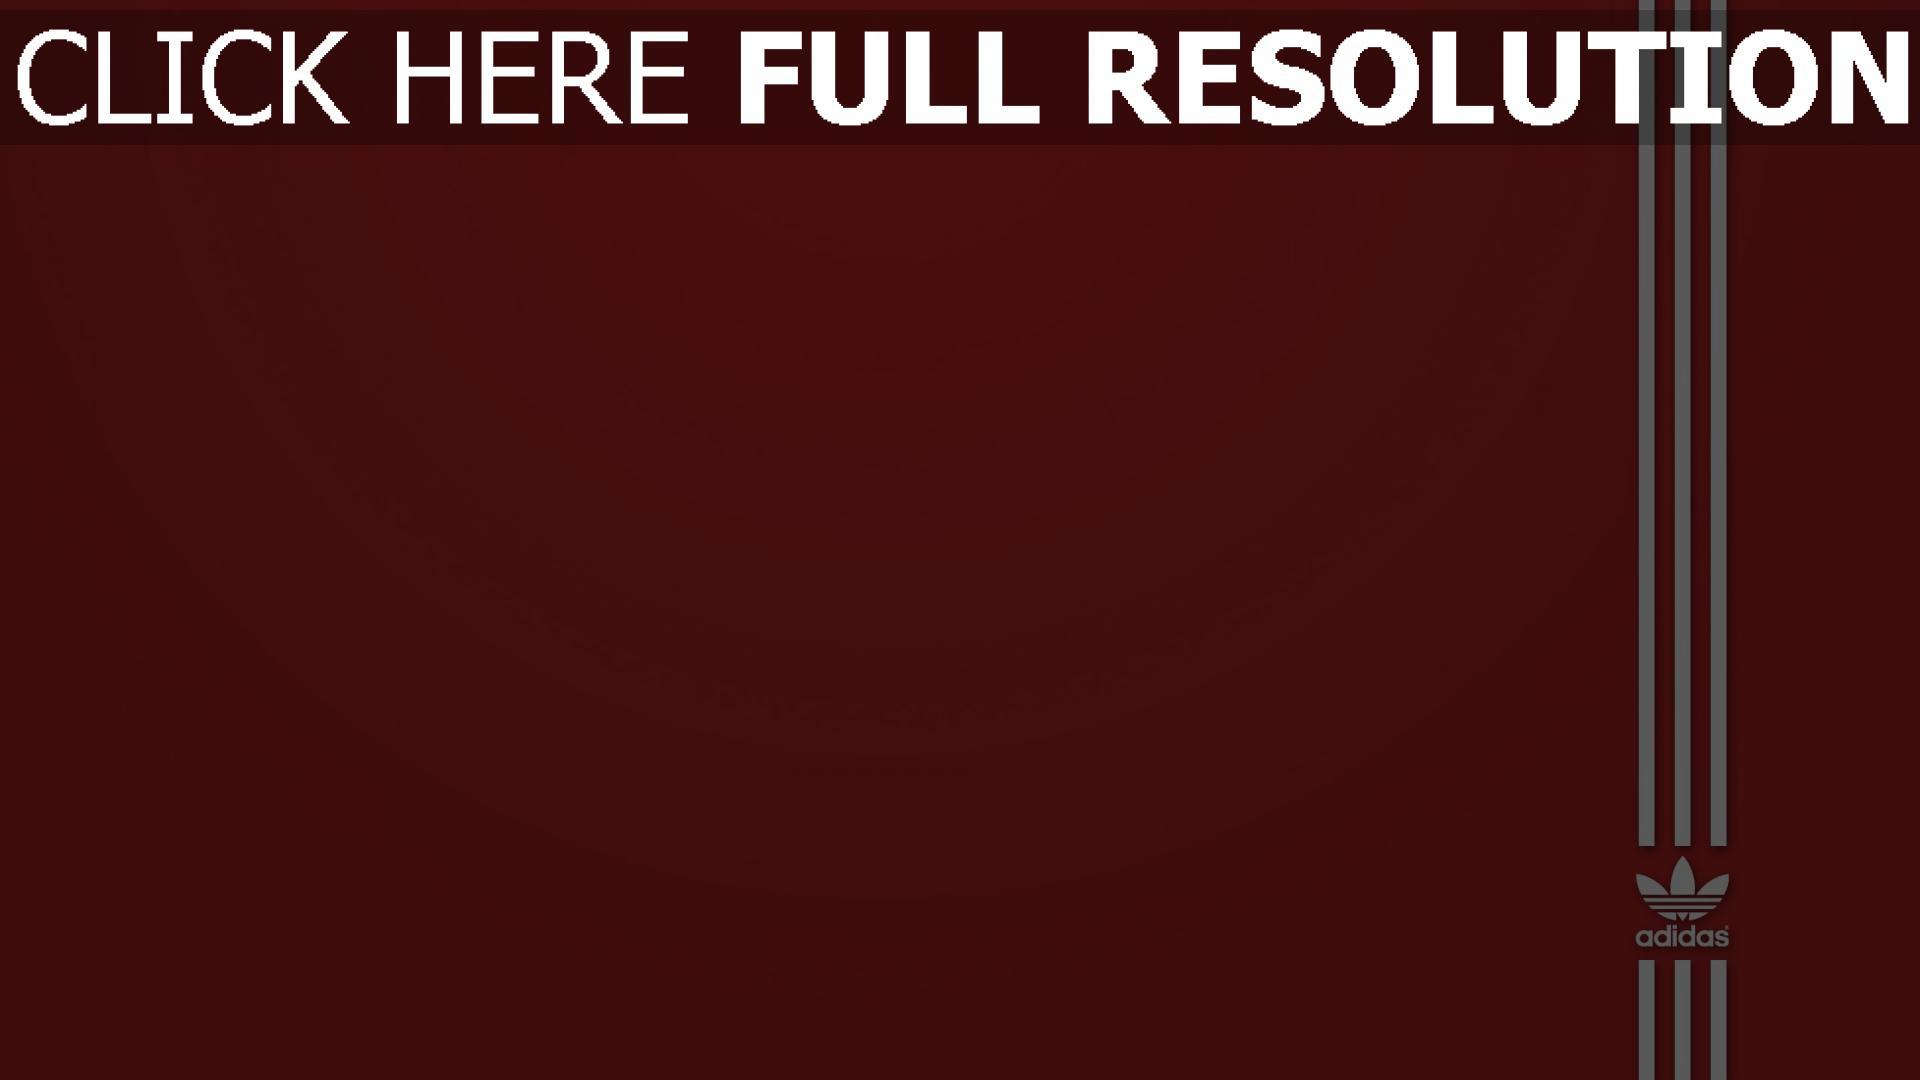 fond ecran adidas rouge